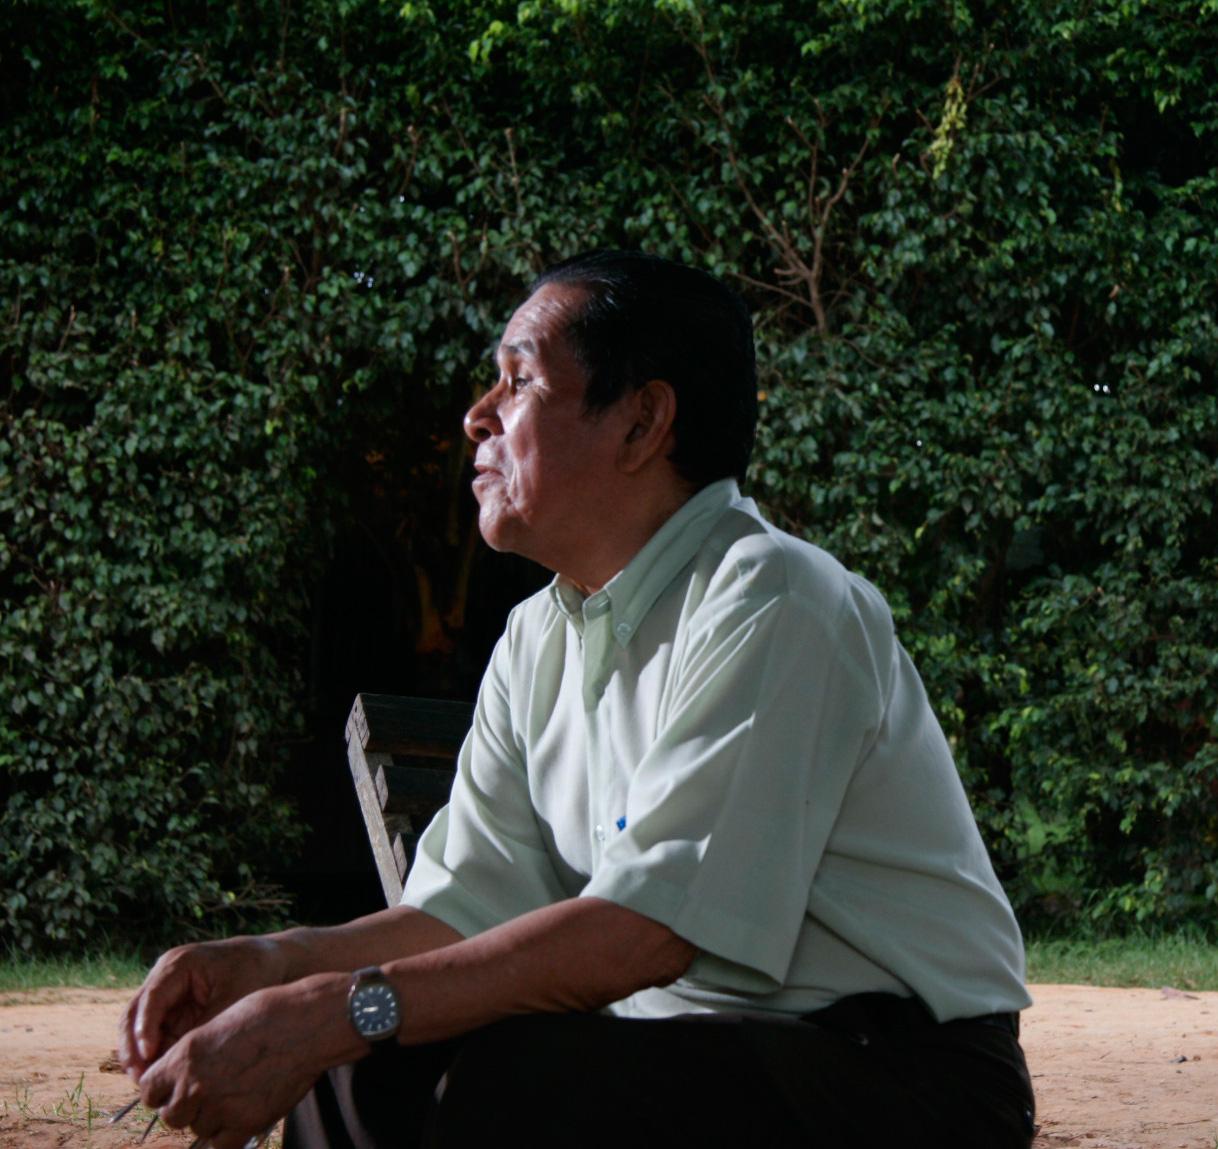 Pablo Amaringo at Usko Ayar, Pucallpa, Peru. April 2007